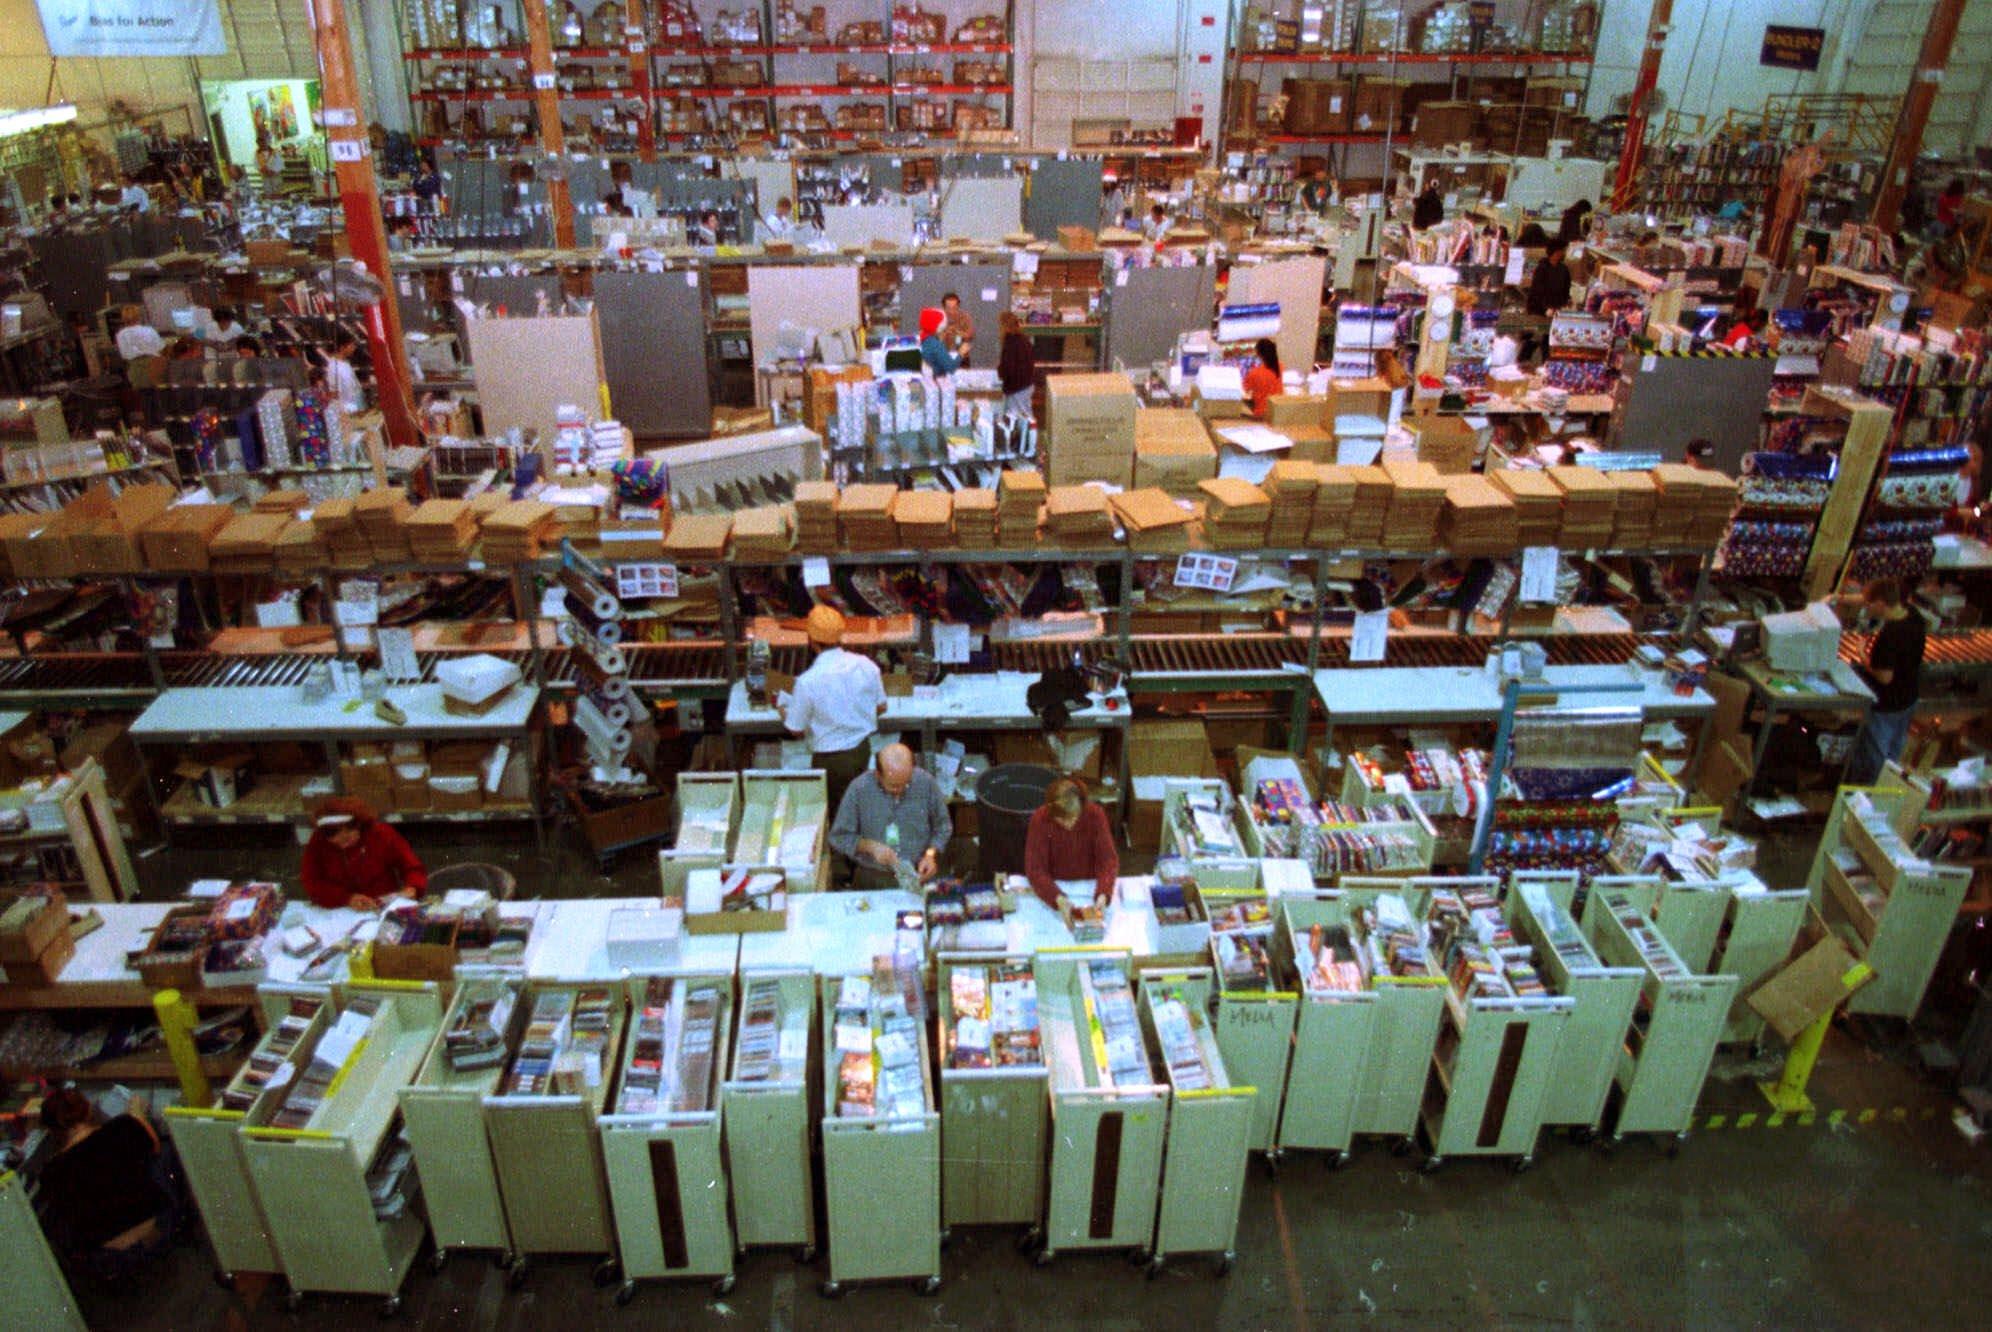 1999年12月15日,位於亞馬遜總部西雅圖的倉庫堆滿了待運送的聖誕禮物。(美聯社)